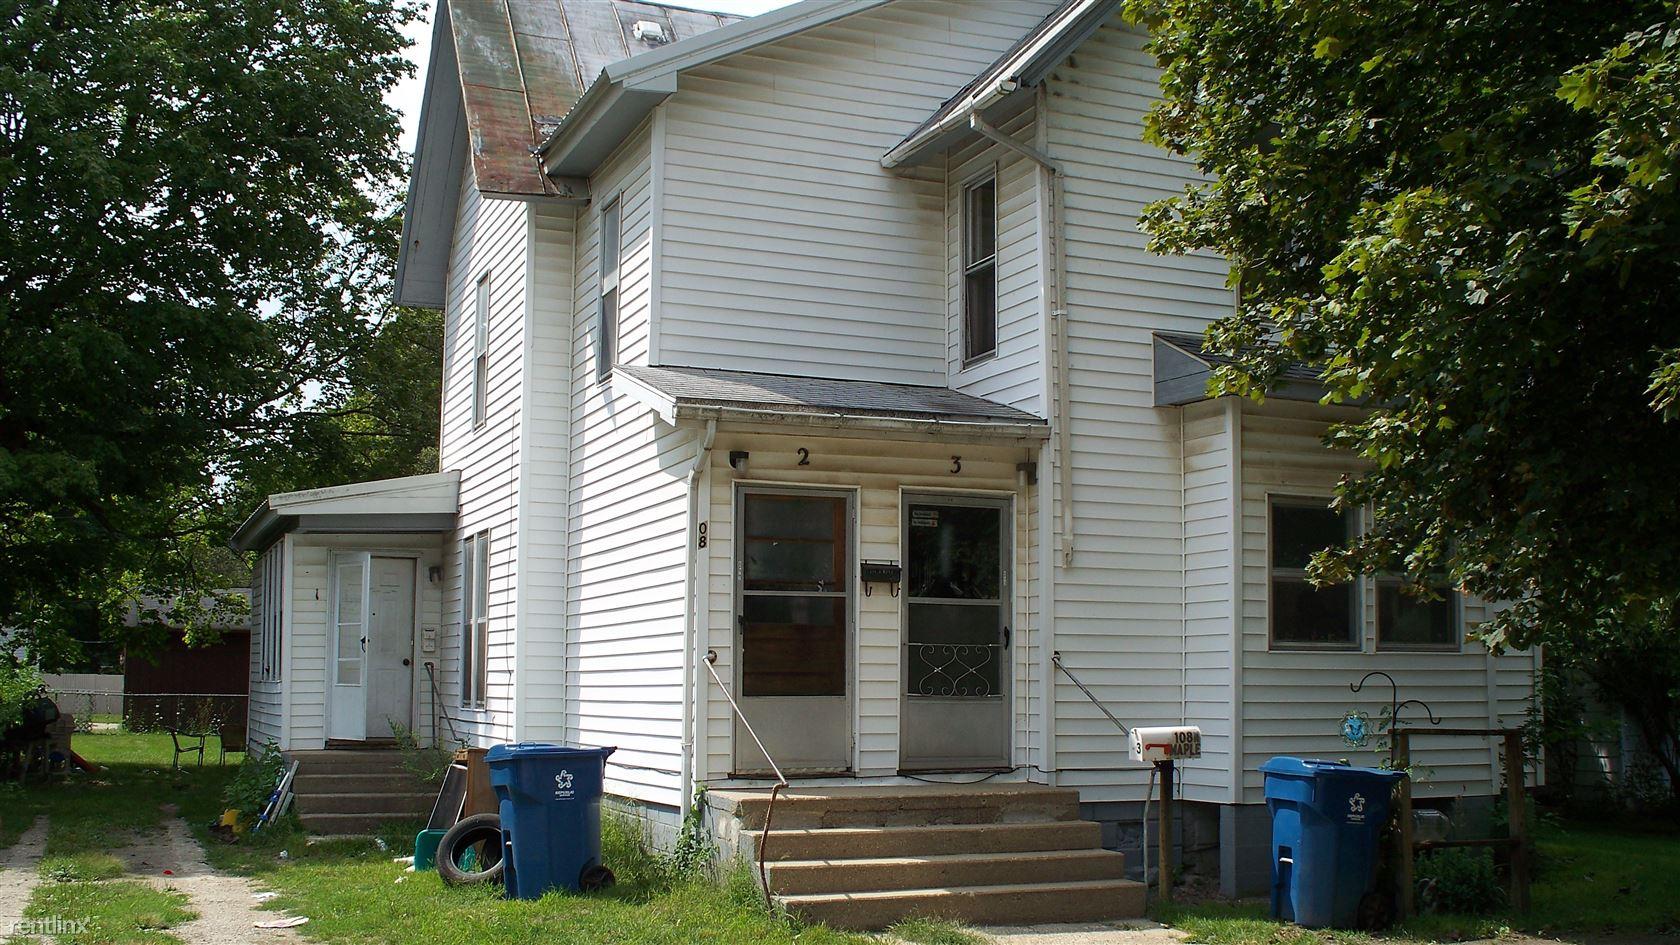 108 N Maple St Apt 1, Hartford, MI - $500 USD/ month